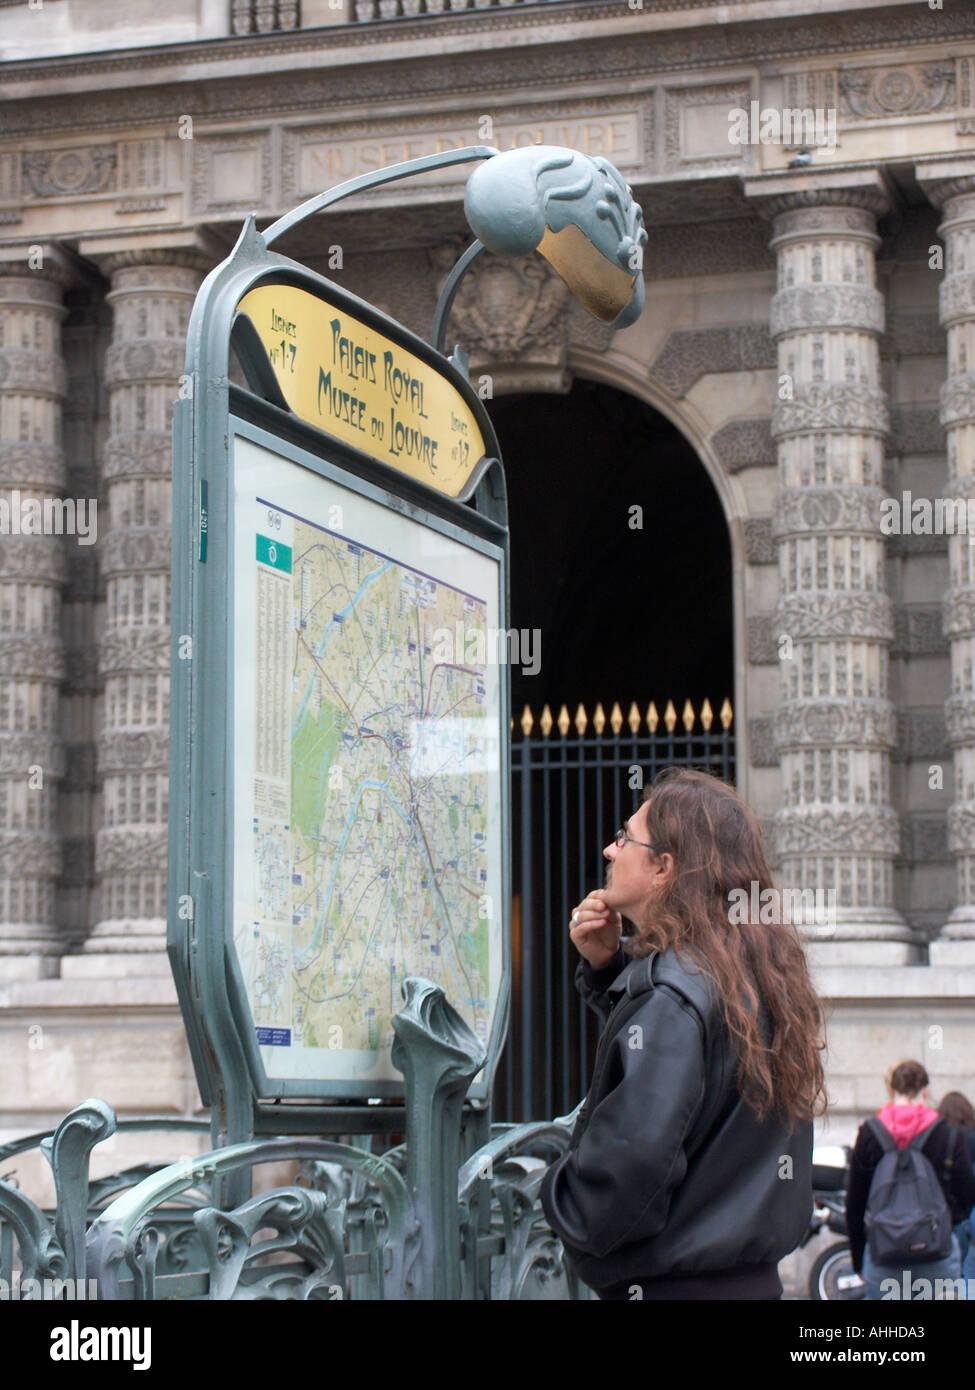 Man Looking At Subway Map.Man Looks At Metro Map At The Musee Du Louvre Subway Entrance Paris